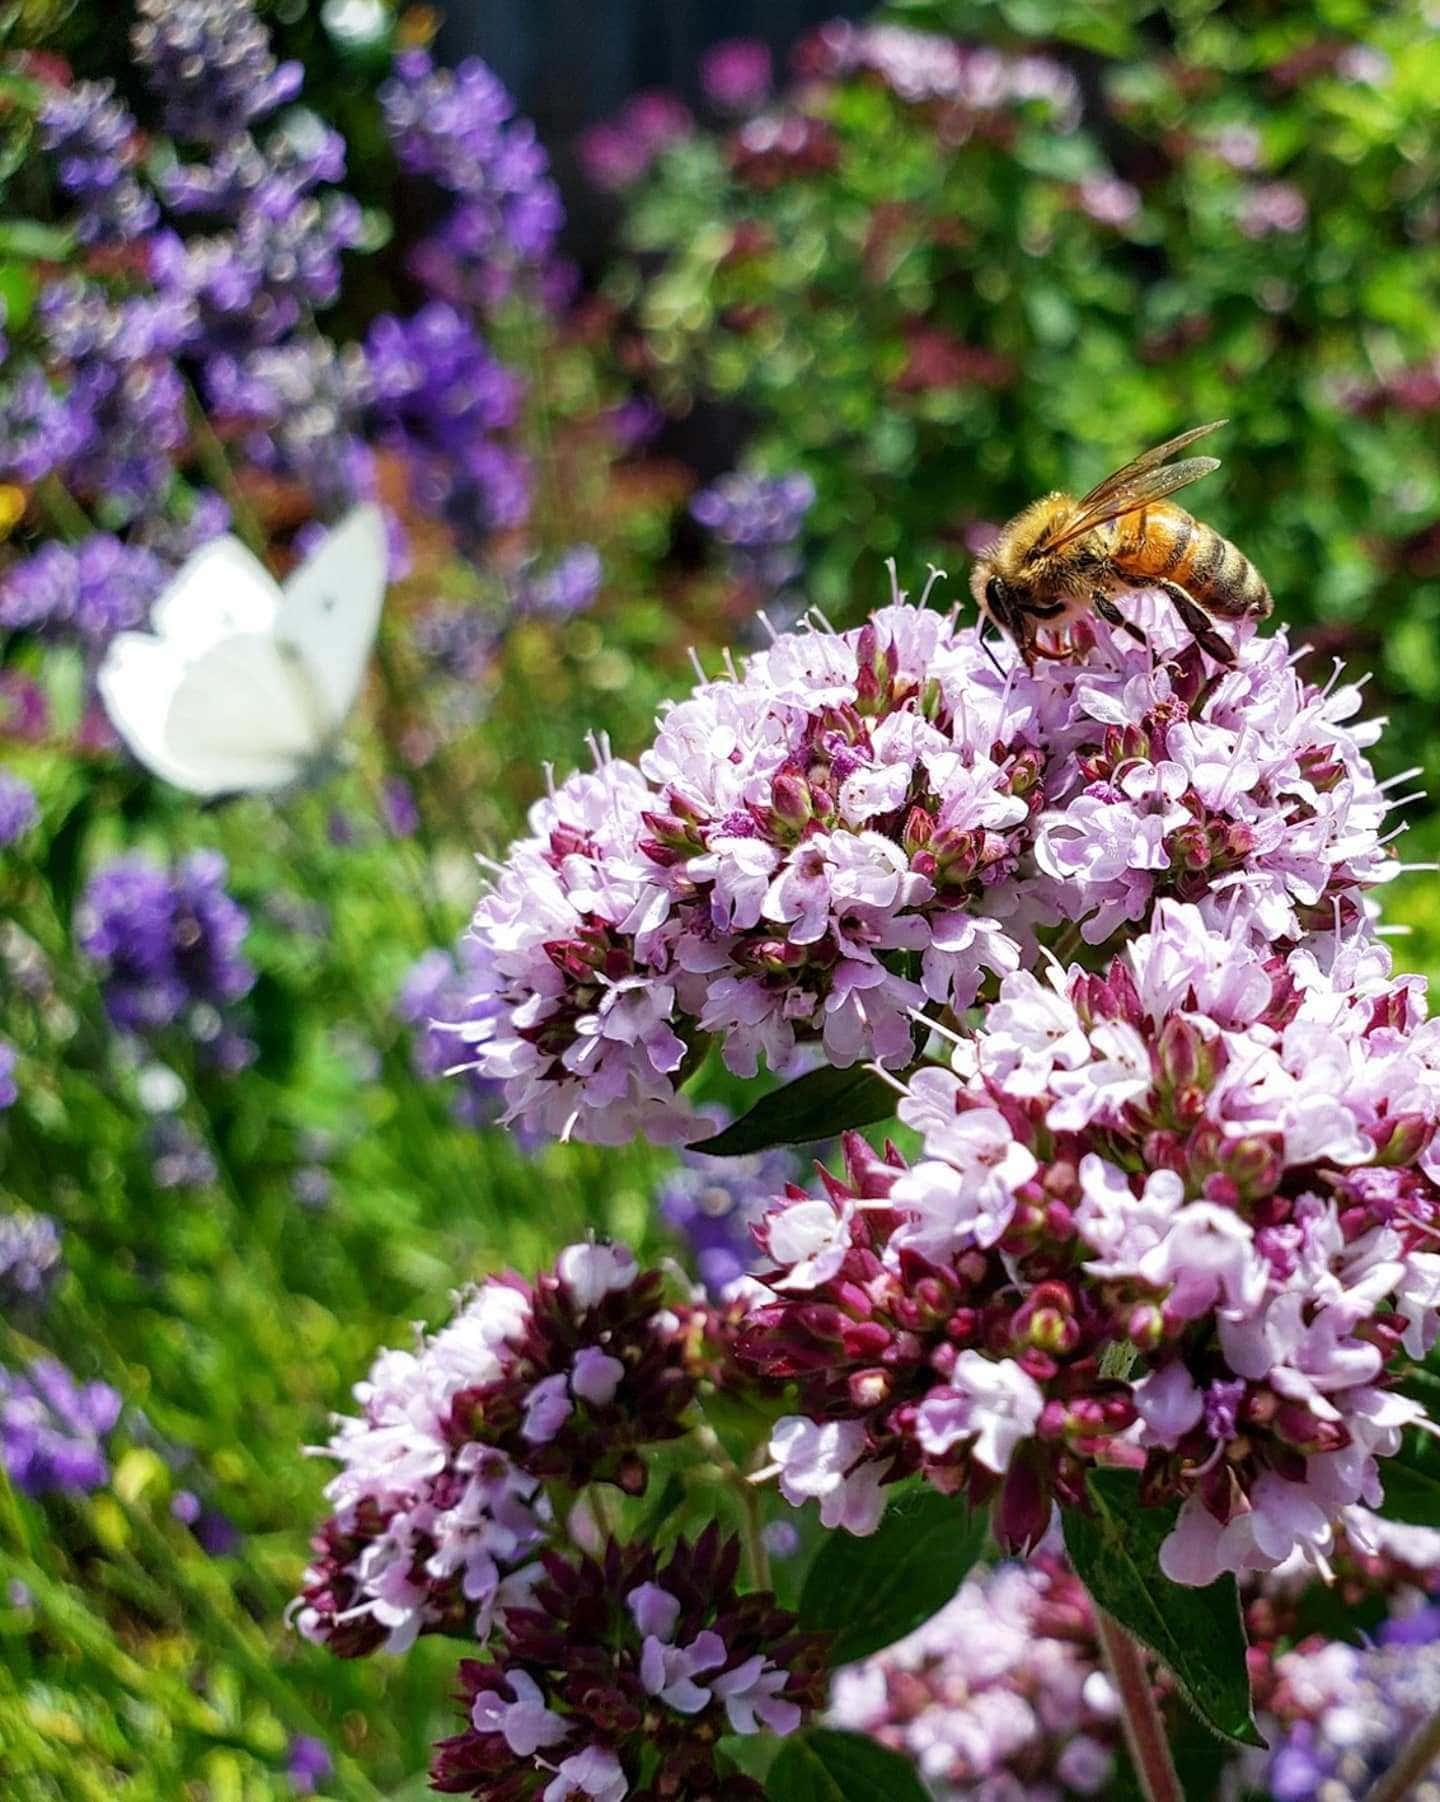 Une image en gros plan de fleurs d'origan en fleurs. Ils sont blanc violacé et une abeille est assise au sommet du monticule de fleurs pour recueillir le pollen. En arrière-plan flou se trouve une plante vivace à fleurs avec des lances à fleurs violettes avec un papillon blanc de chou reposant dessus.